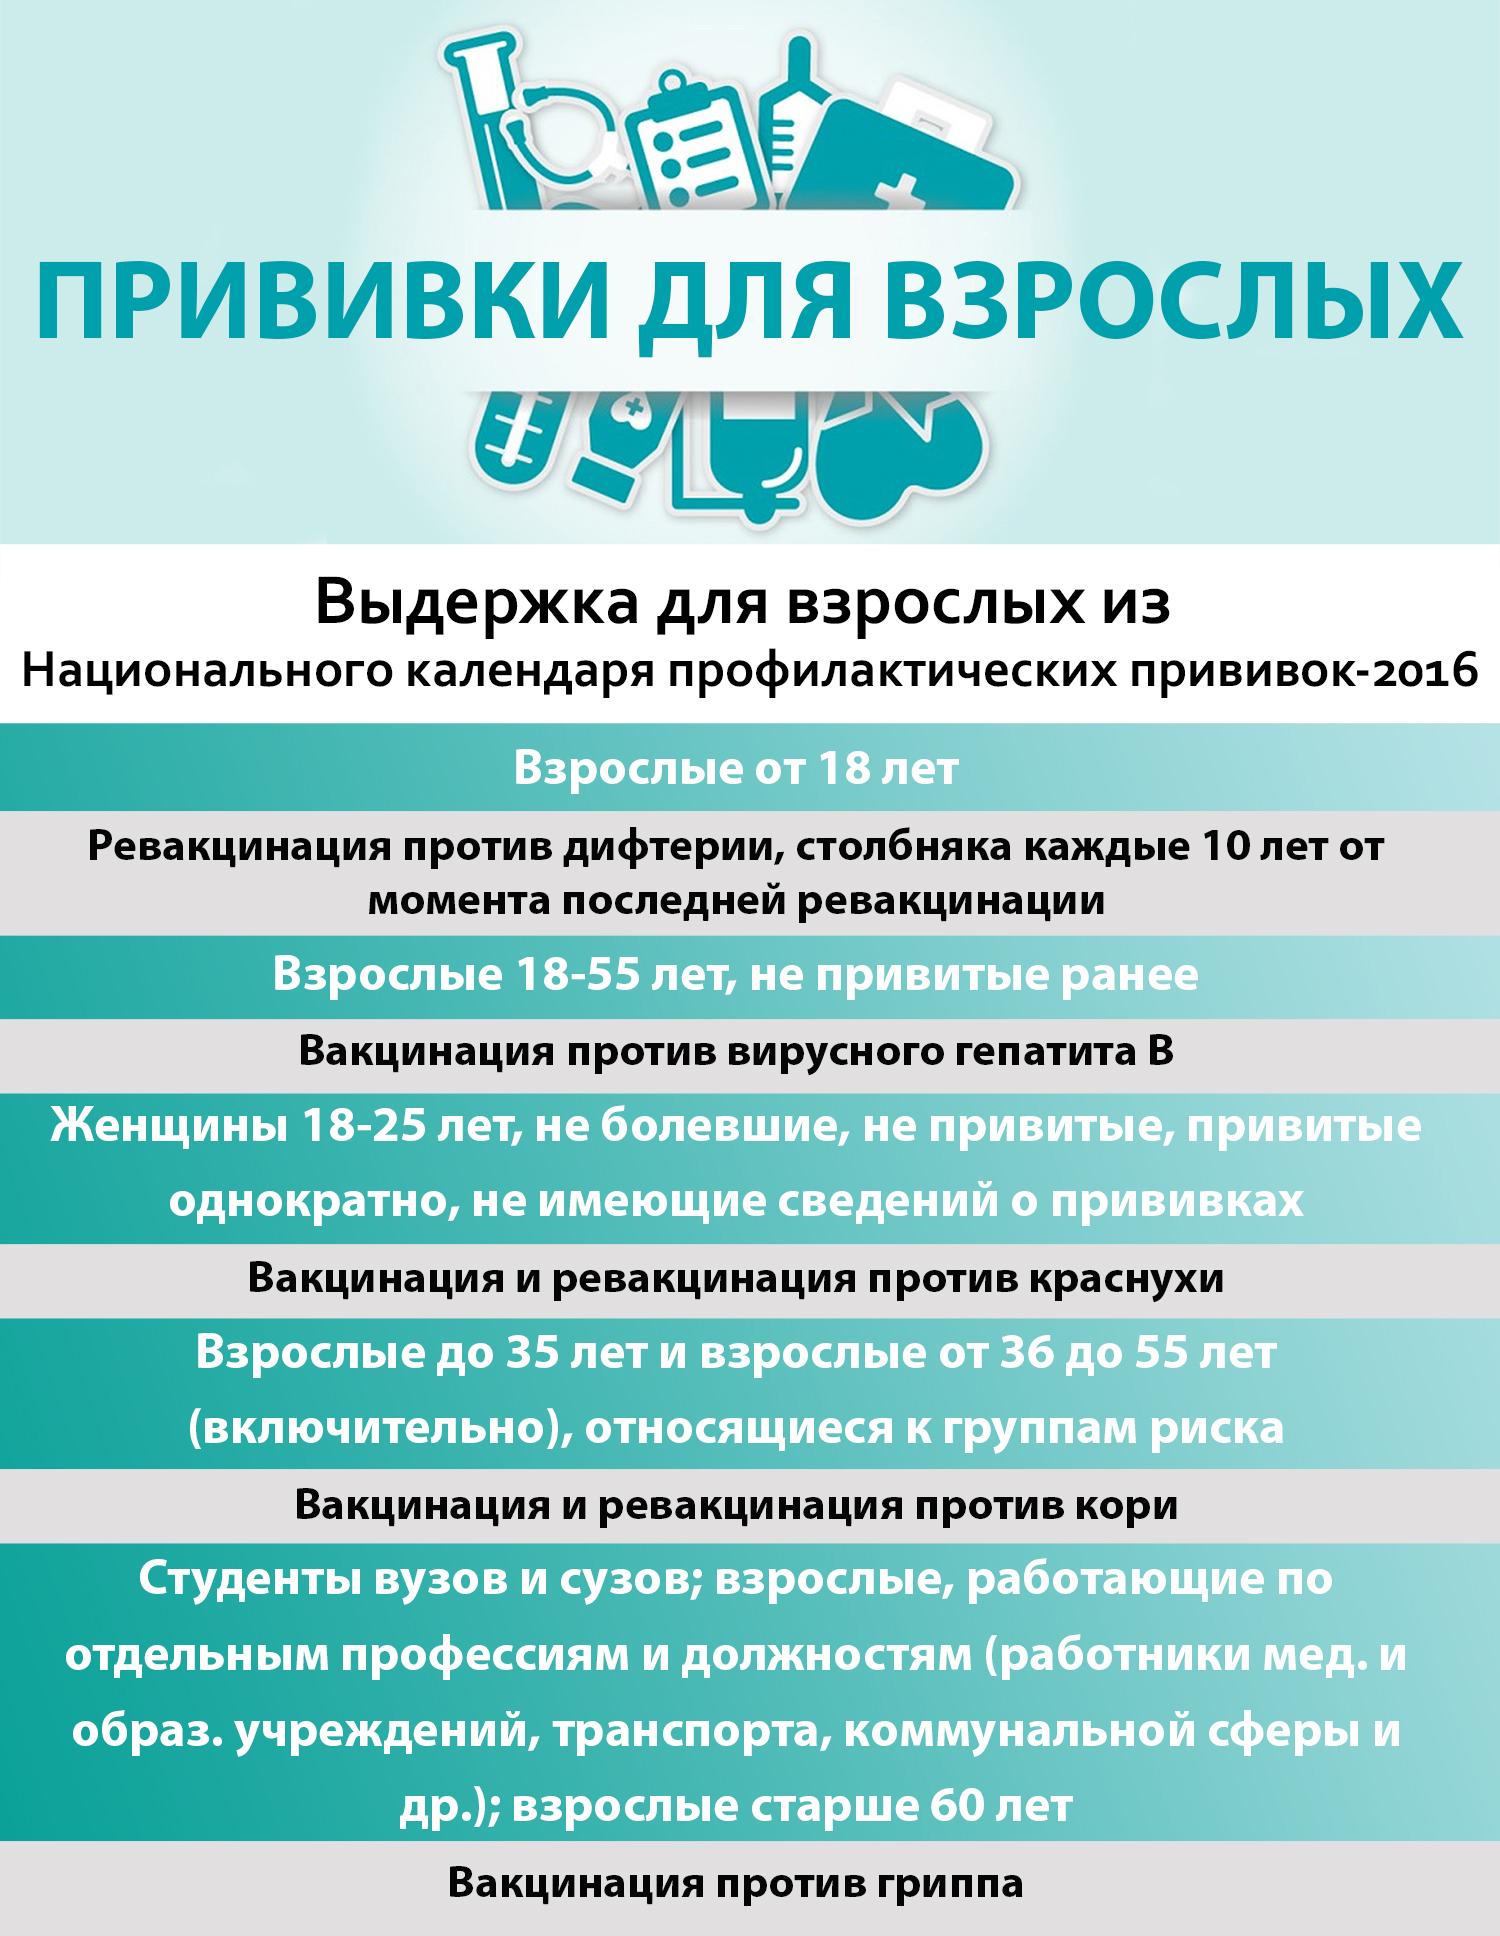 Официальный сайт второй областной больницы